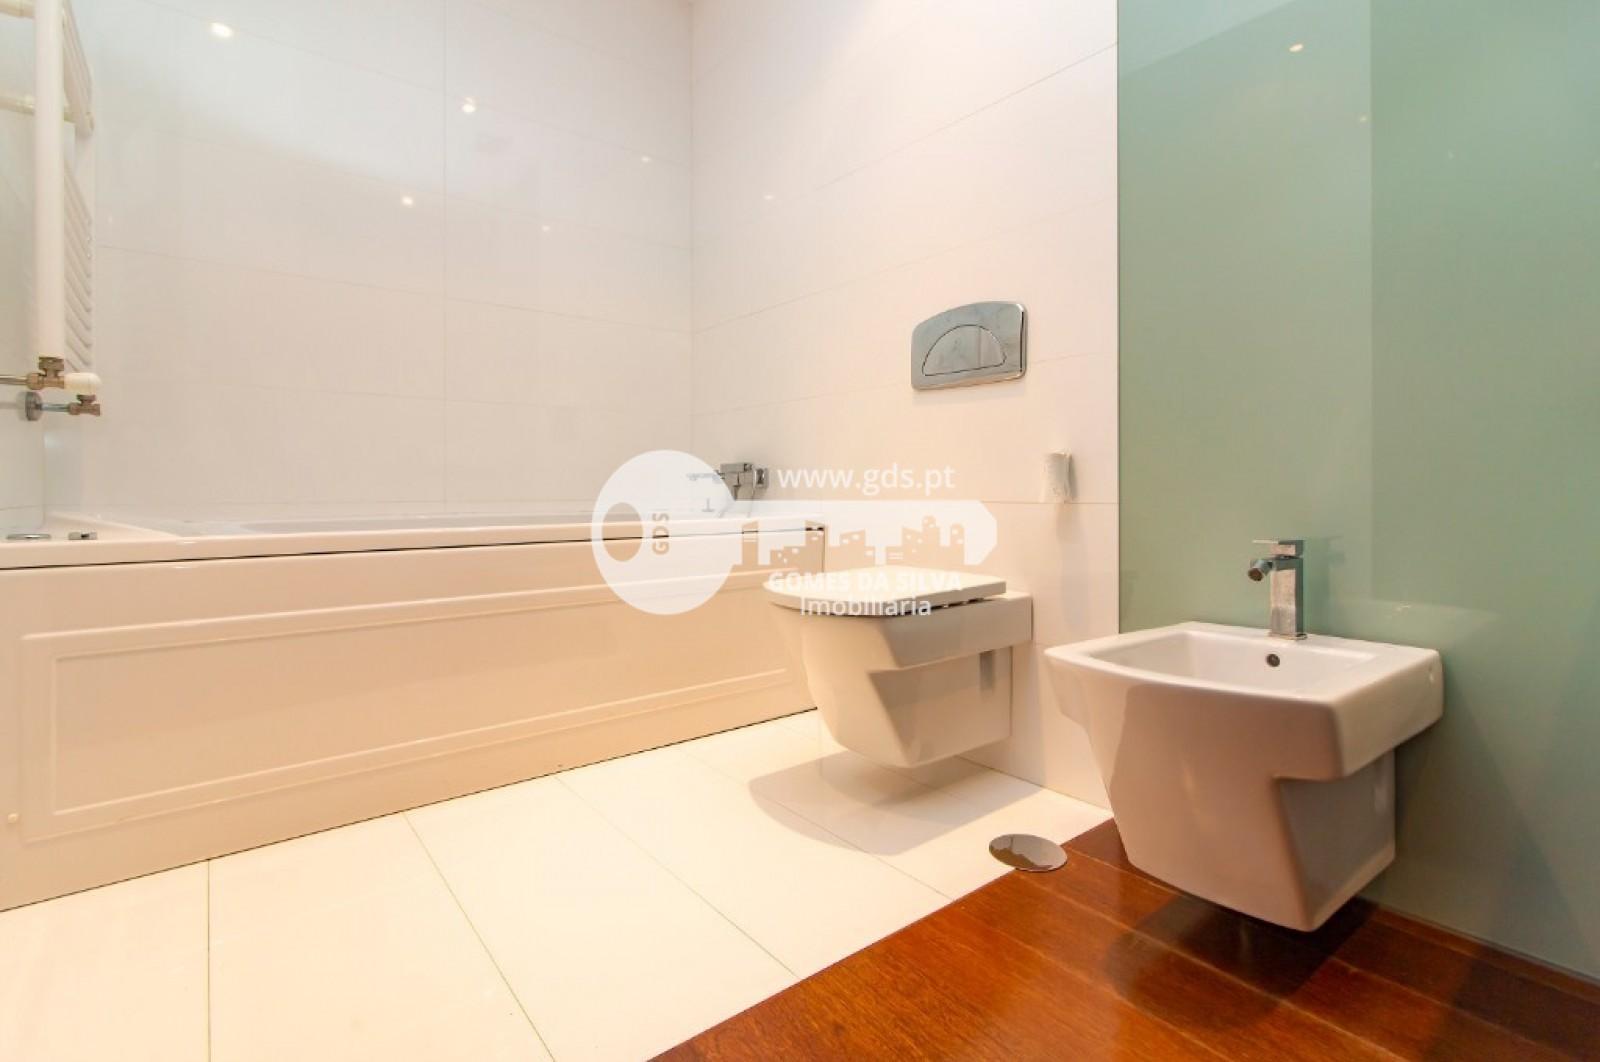 Apartamento T3 para Venda em Nogueira, Fraião e Lamaçães, Braga, Braga - Imagem 38